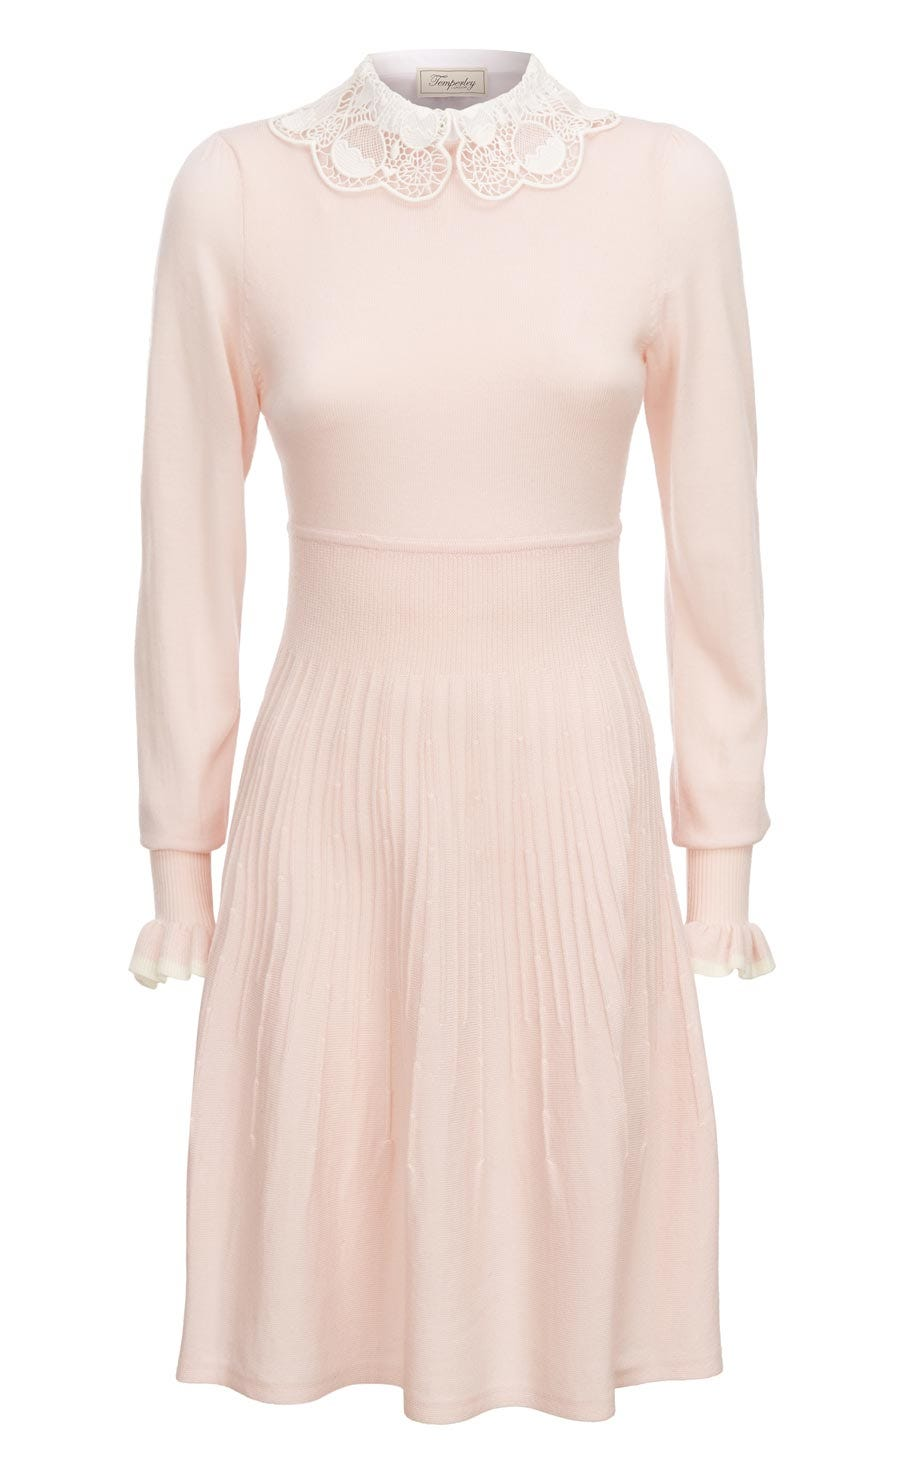 Bliss Sleeved Dress, Shell